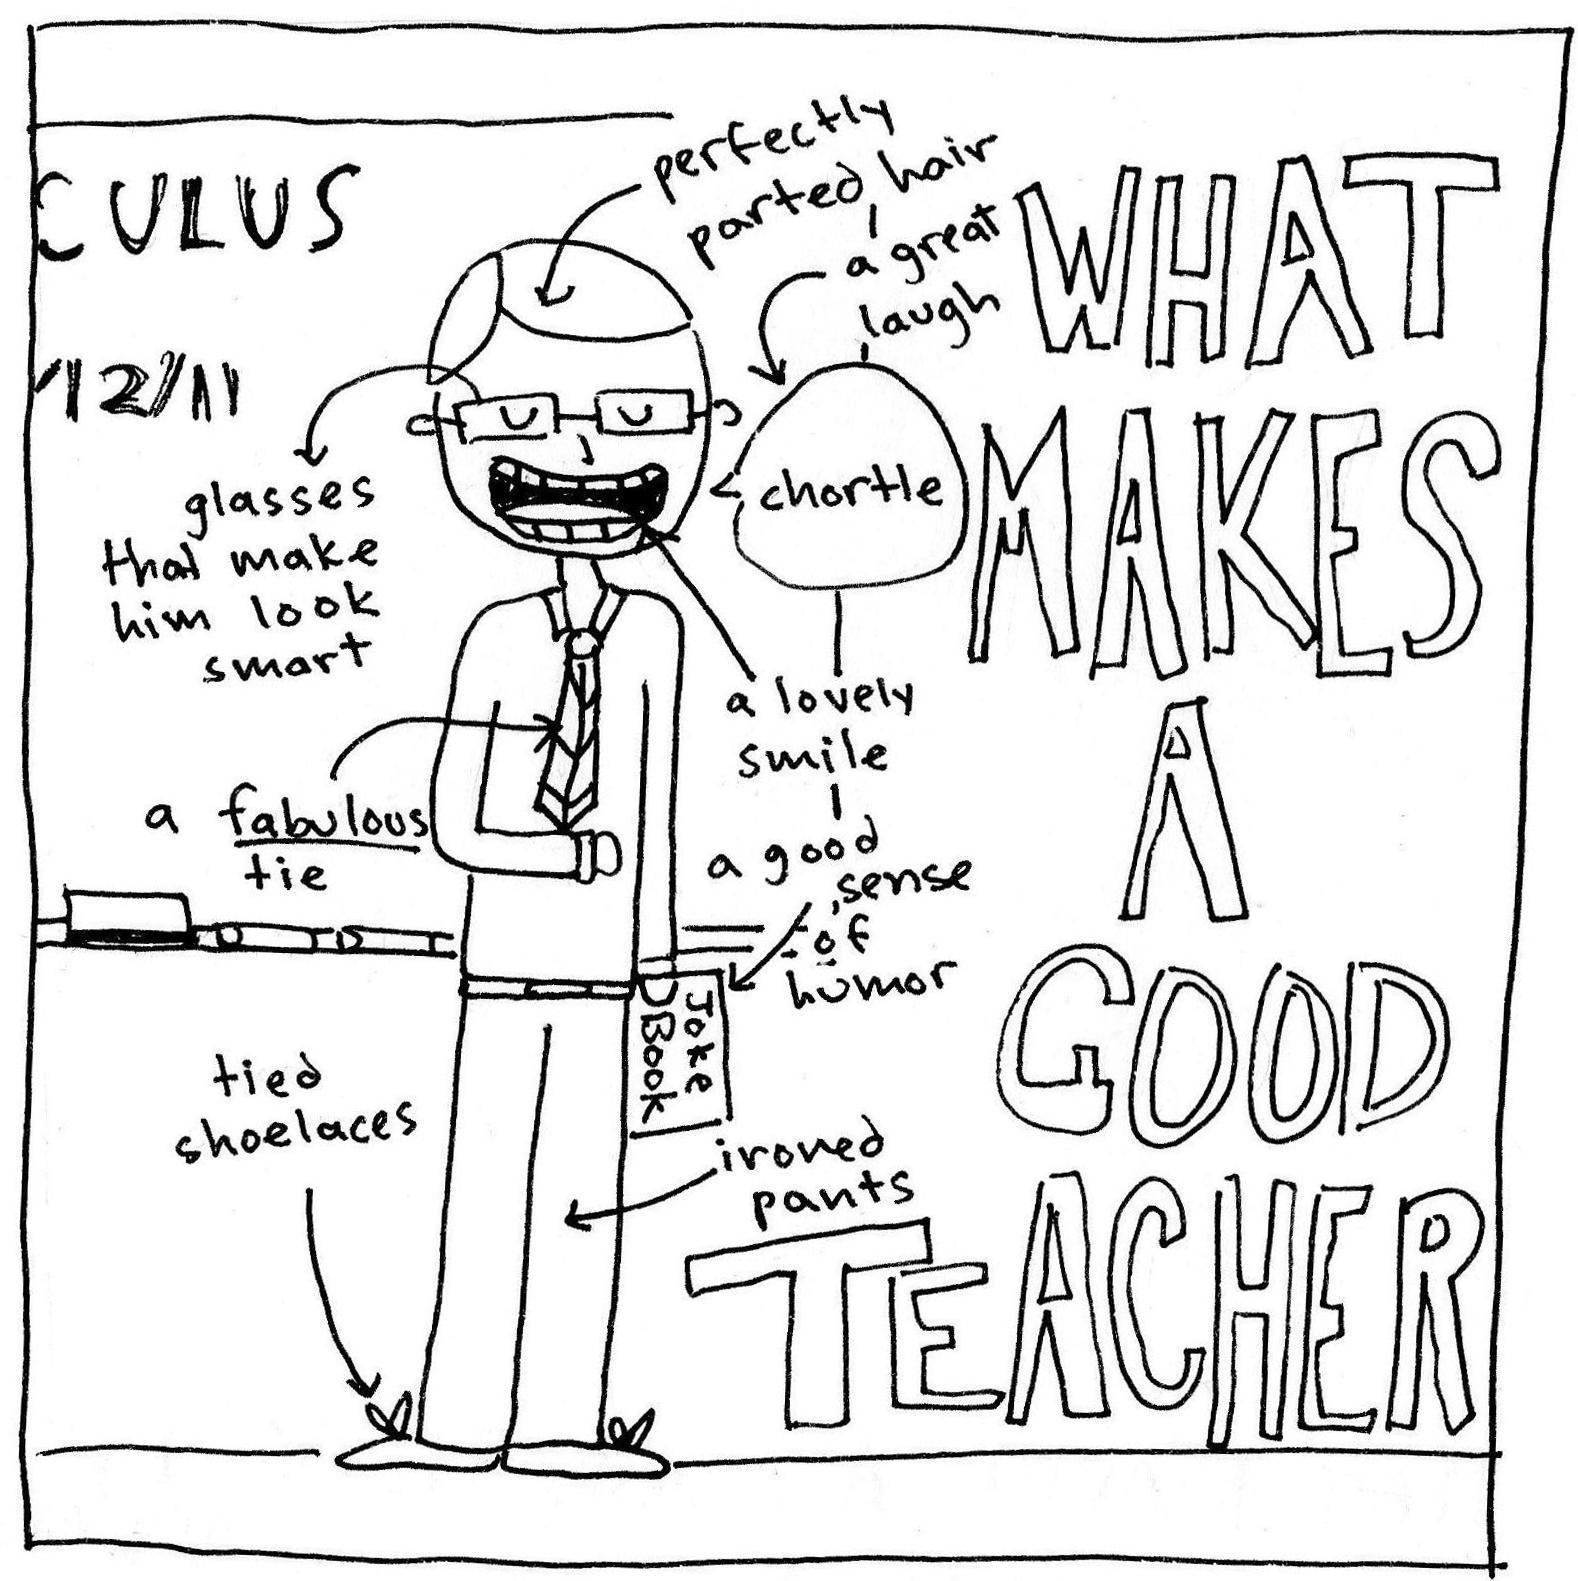 What-Makes-a-good-teacher-by-Niki-Chen